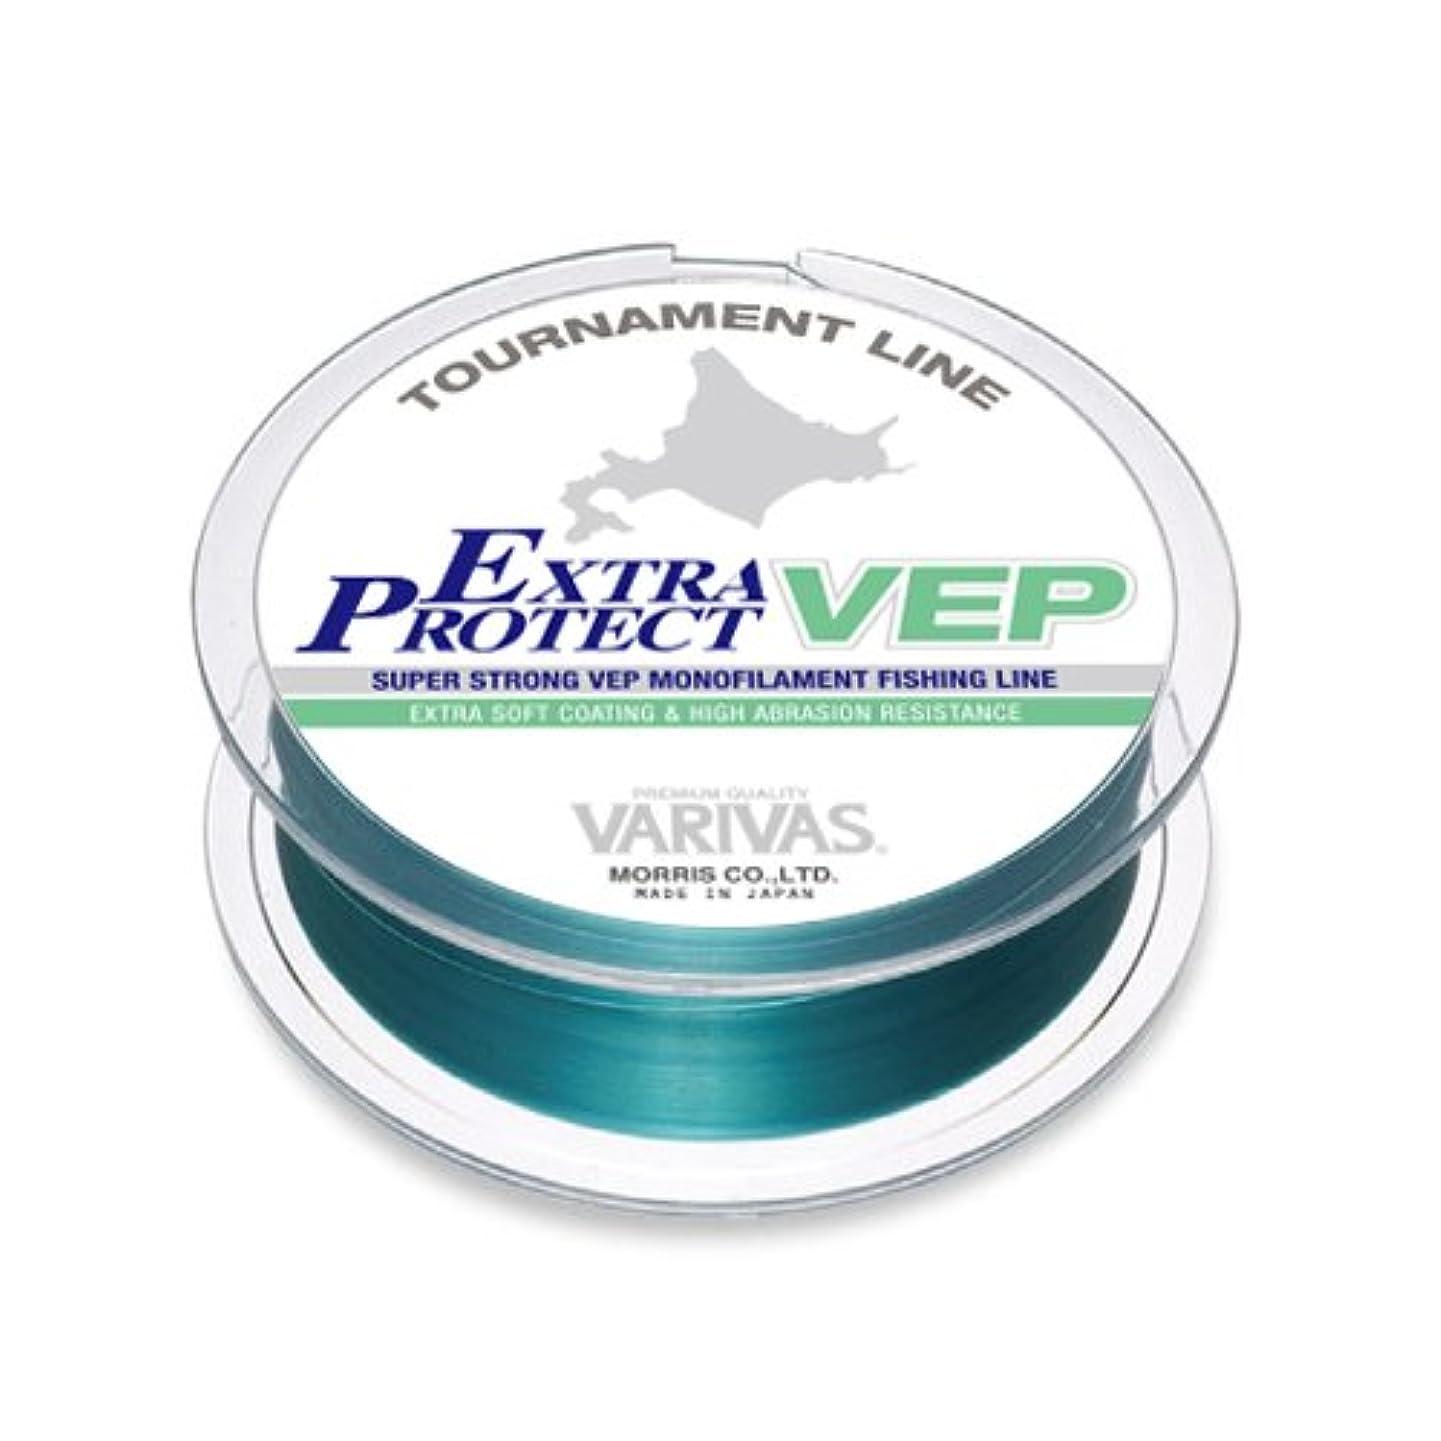 放映予備克服するVARIVAS(バリバス) ナイロンライン エクストラプロテクト VEP 150m